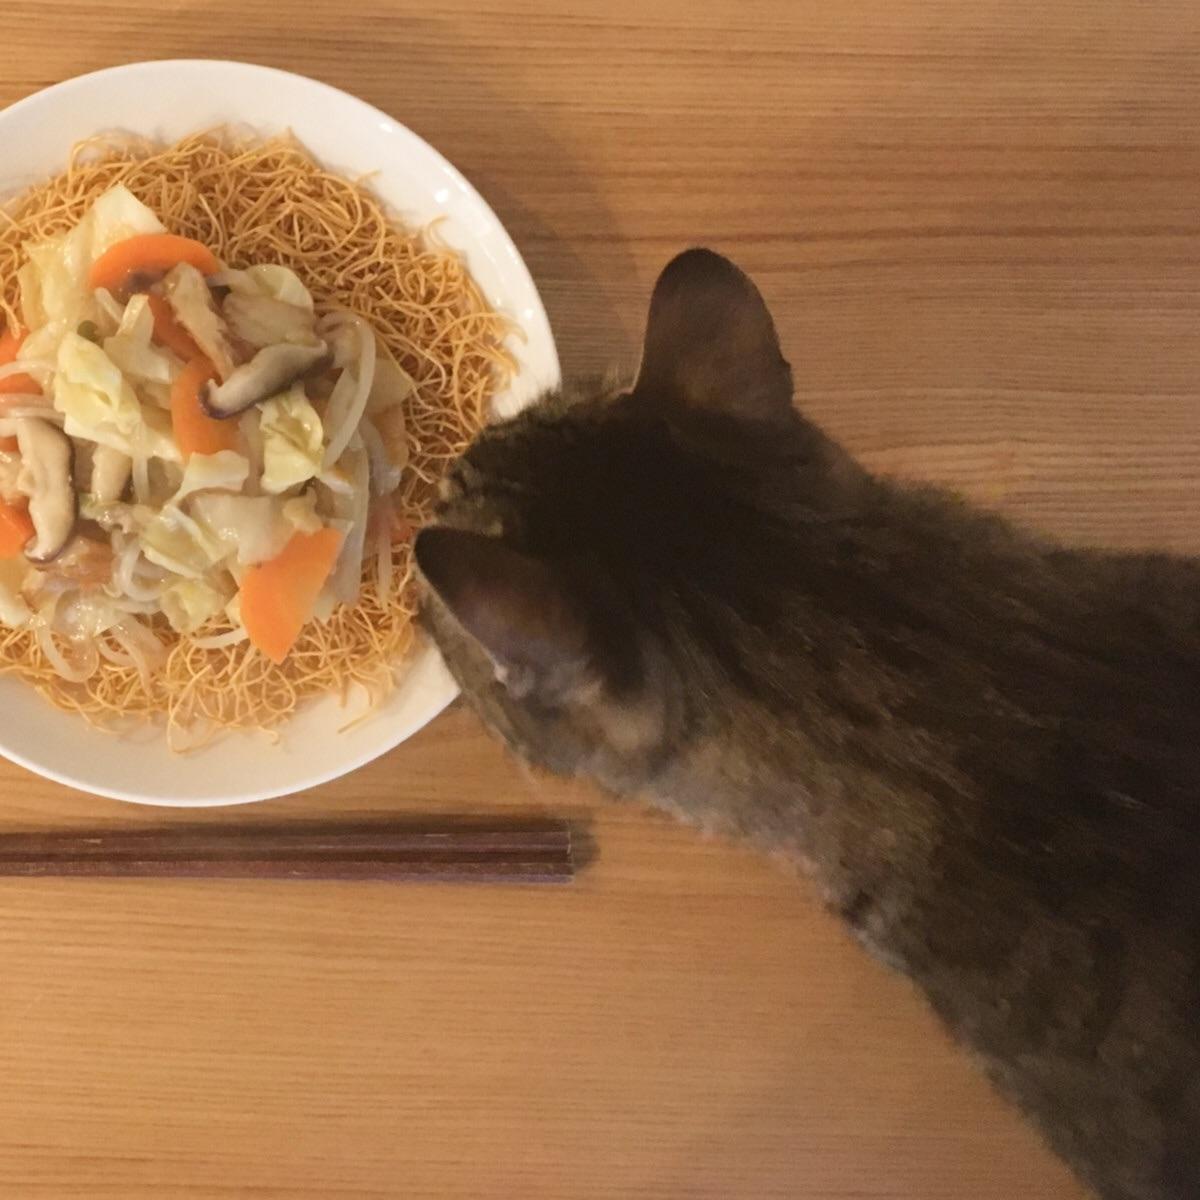 人間の食事をチェックしに来る家猫